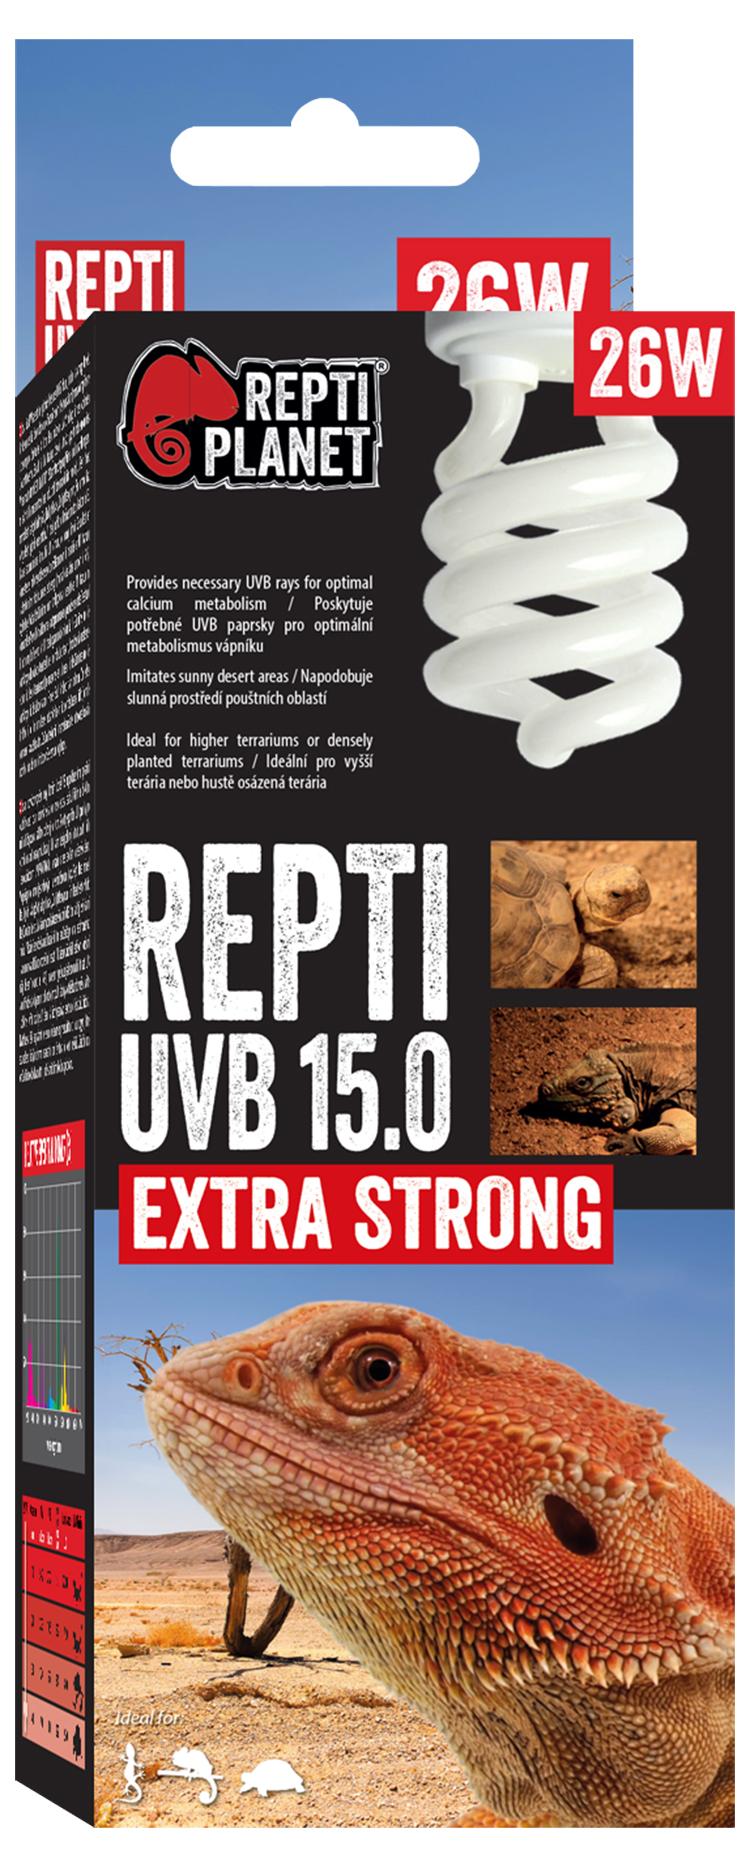 Repti Planet žárovka Compact-Fluorescent UVB 15.0 26W